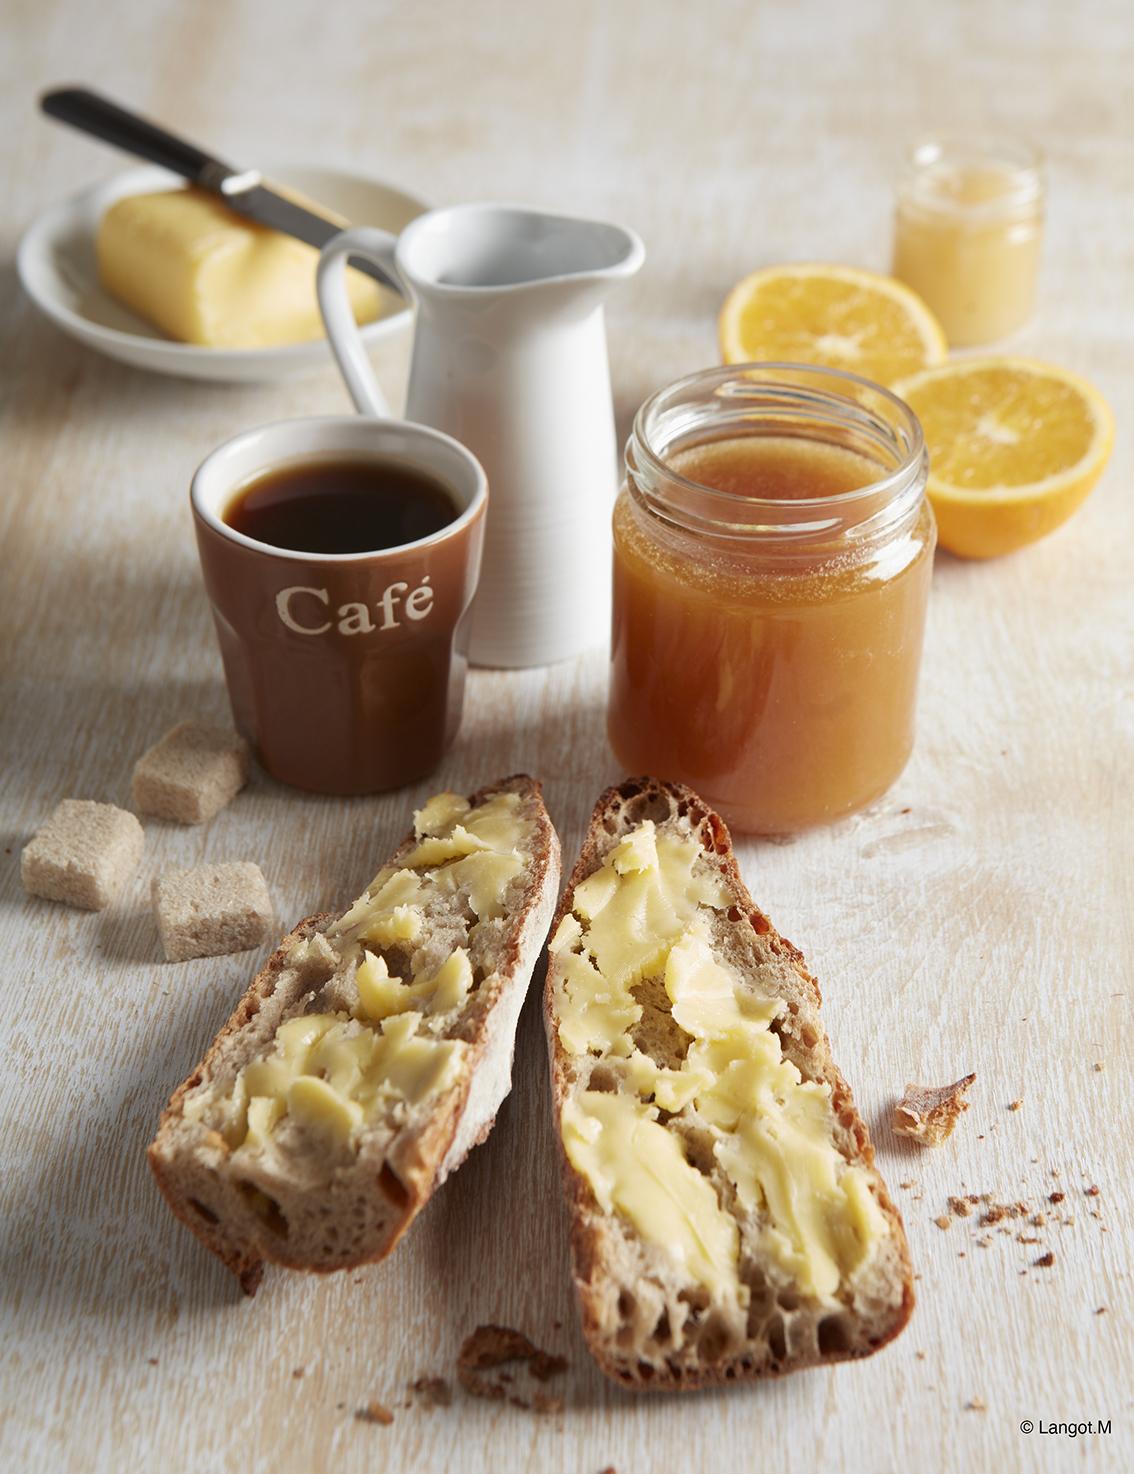 colazione pane burro caffè marmellata frutta latte